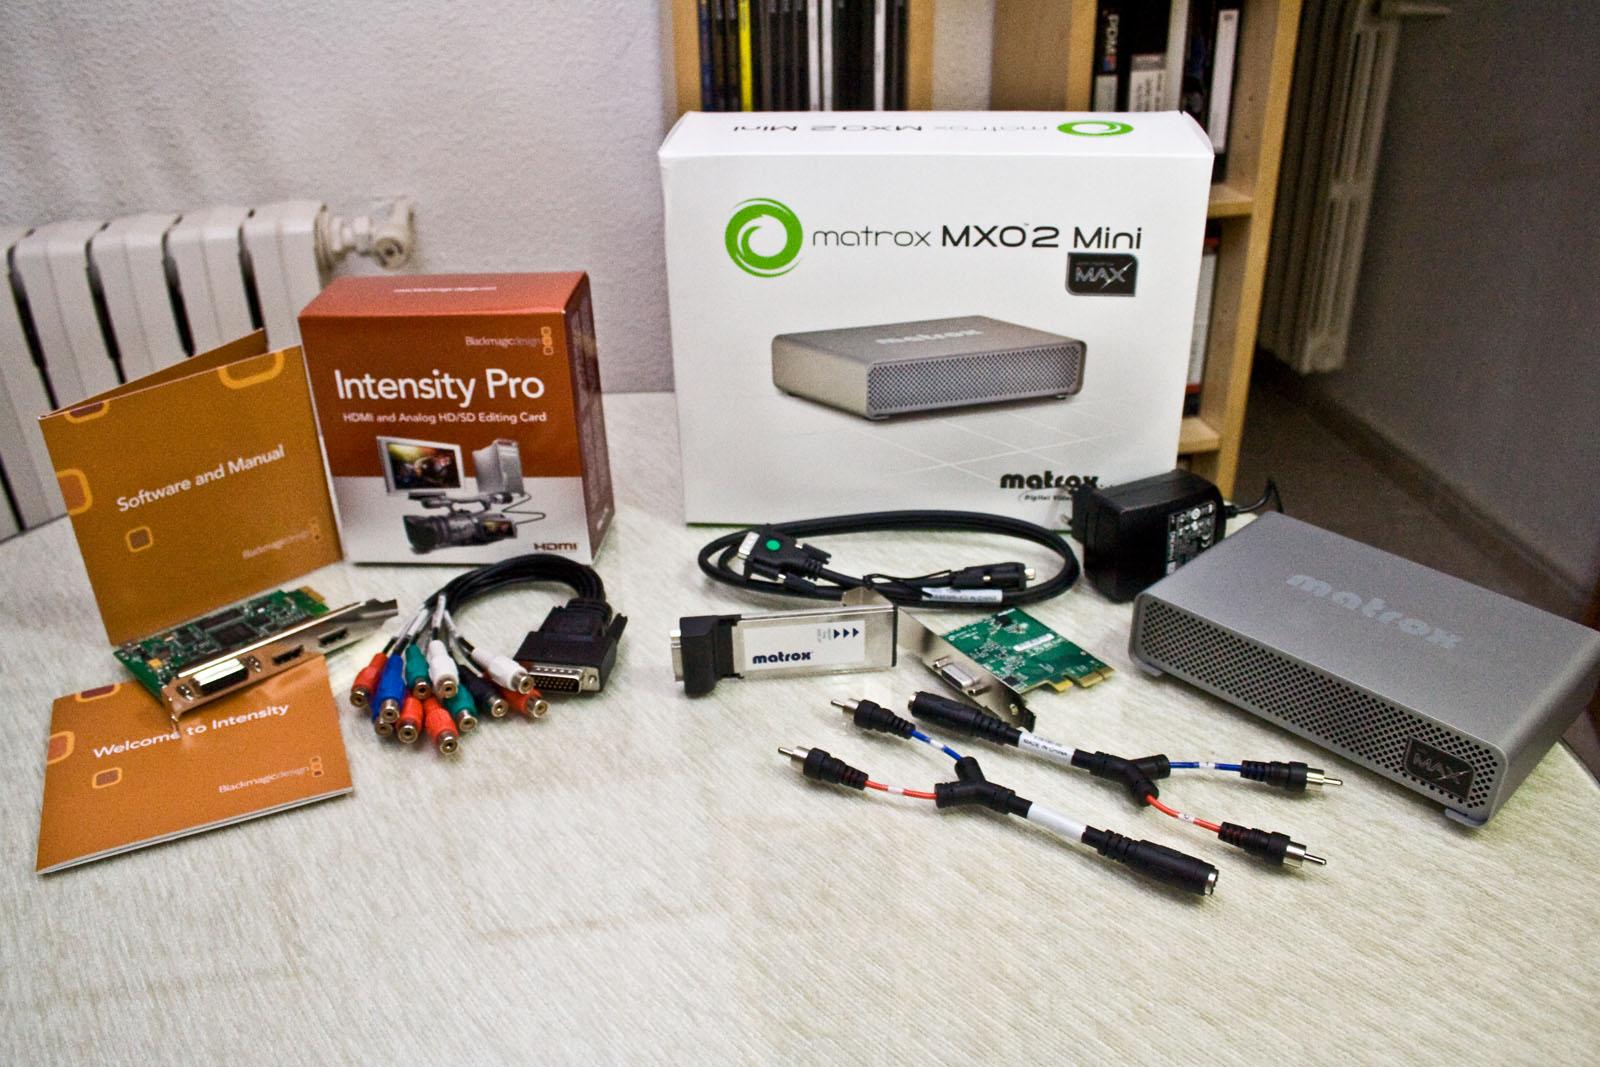 Contenido de las cajas de la Matrox MXO2 Mini y la Blackmagic Design Intensity Pro